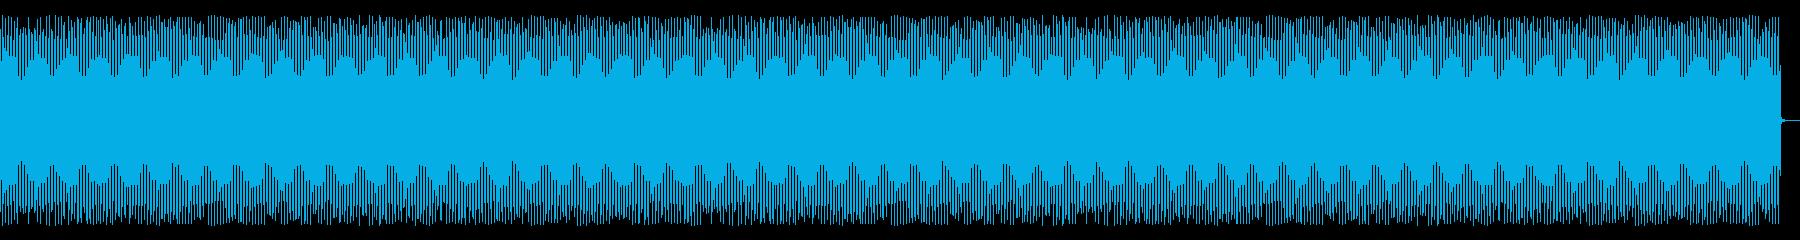 ヘビーグラウンドハム、ロングの再生済みの波形